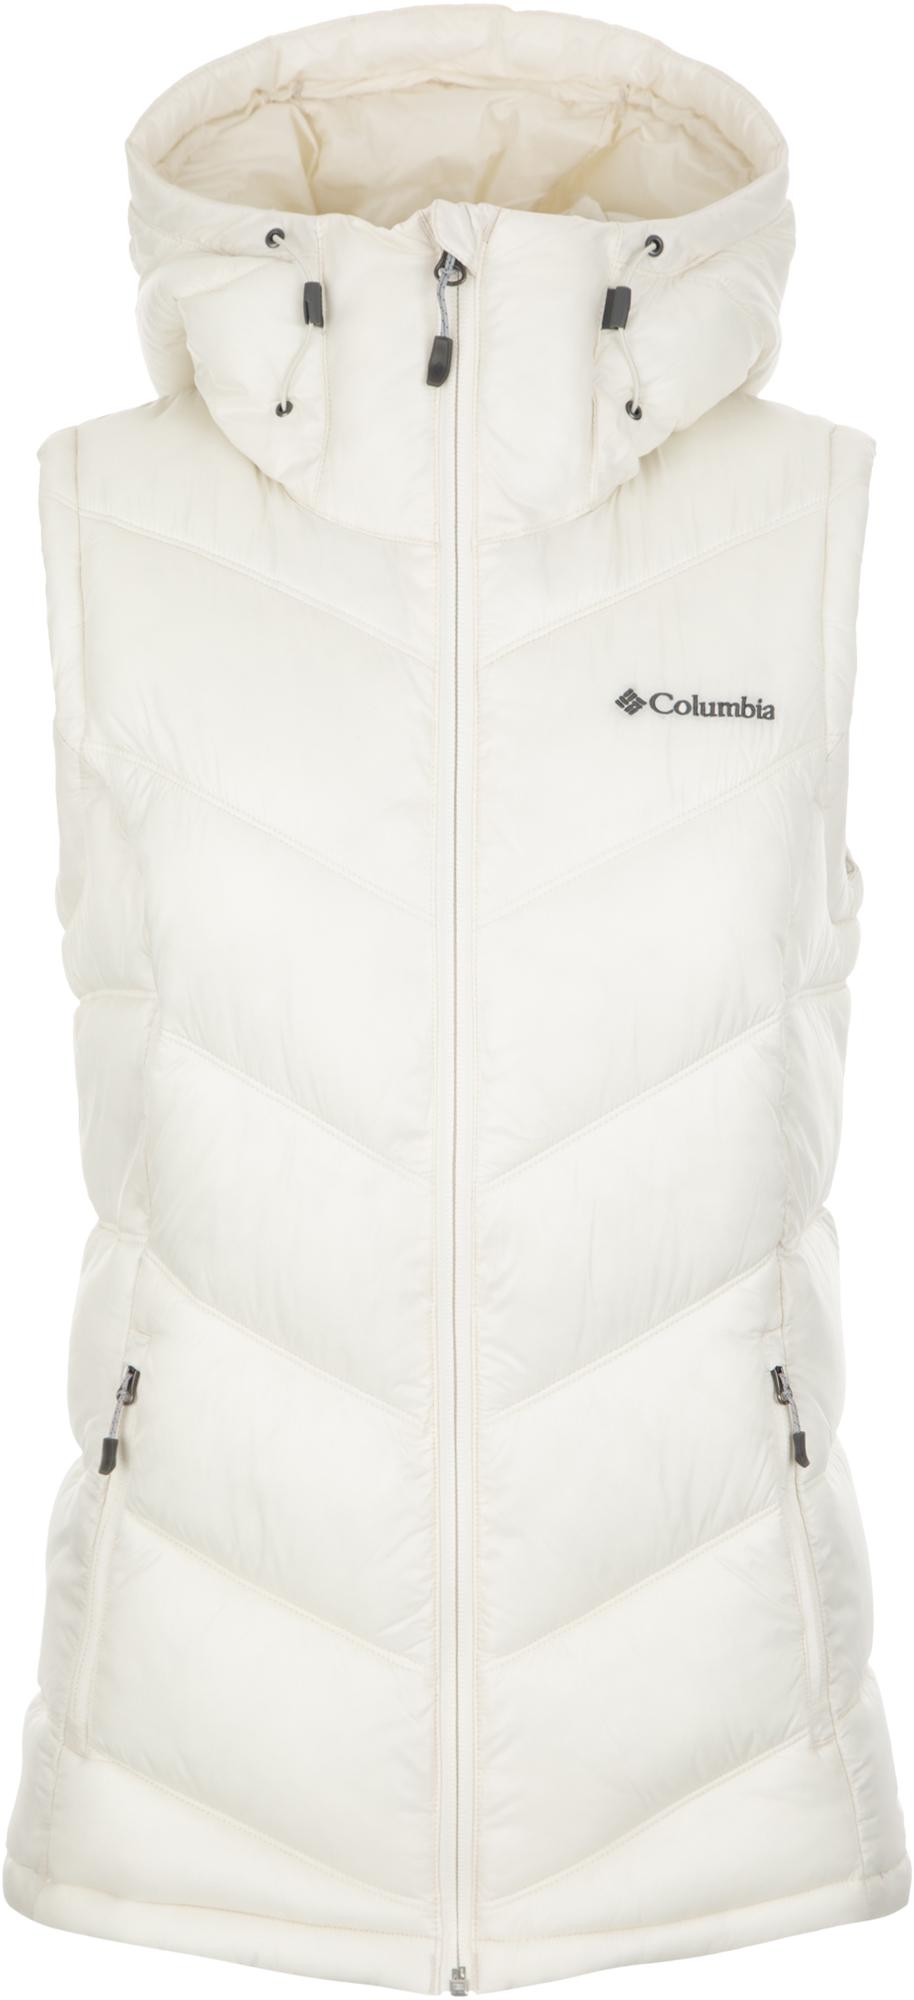 купить Columbia Жилет утепленный женский Columbia Pike Lake II, размер 48 дешево